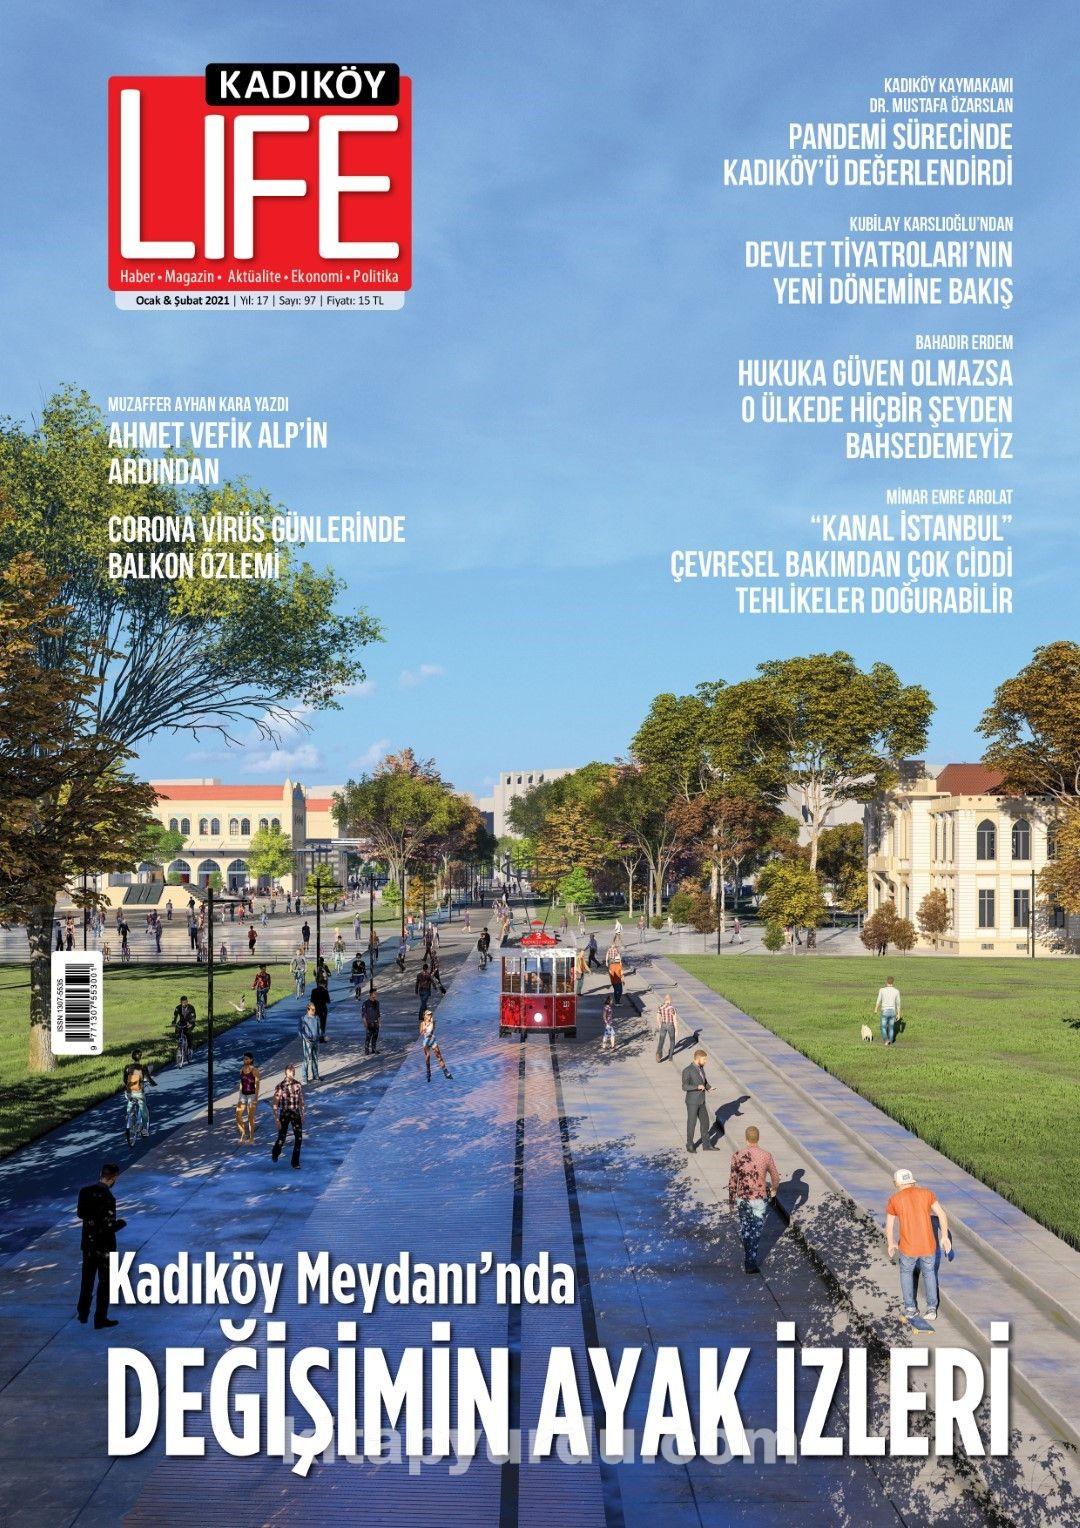 Kadıköy Life 97. Sayı PDF Kitap İndir